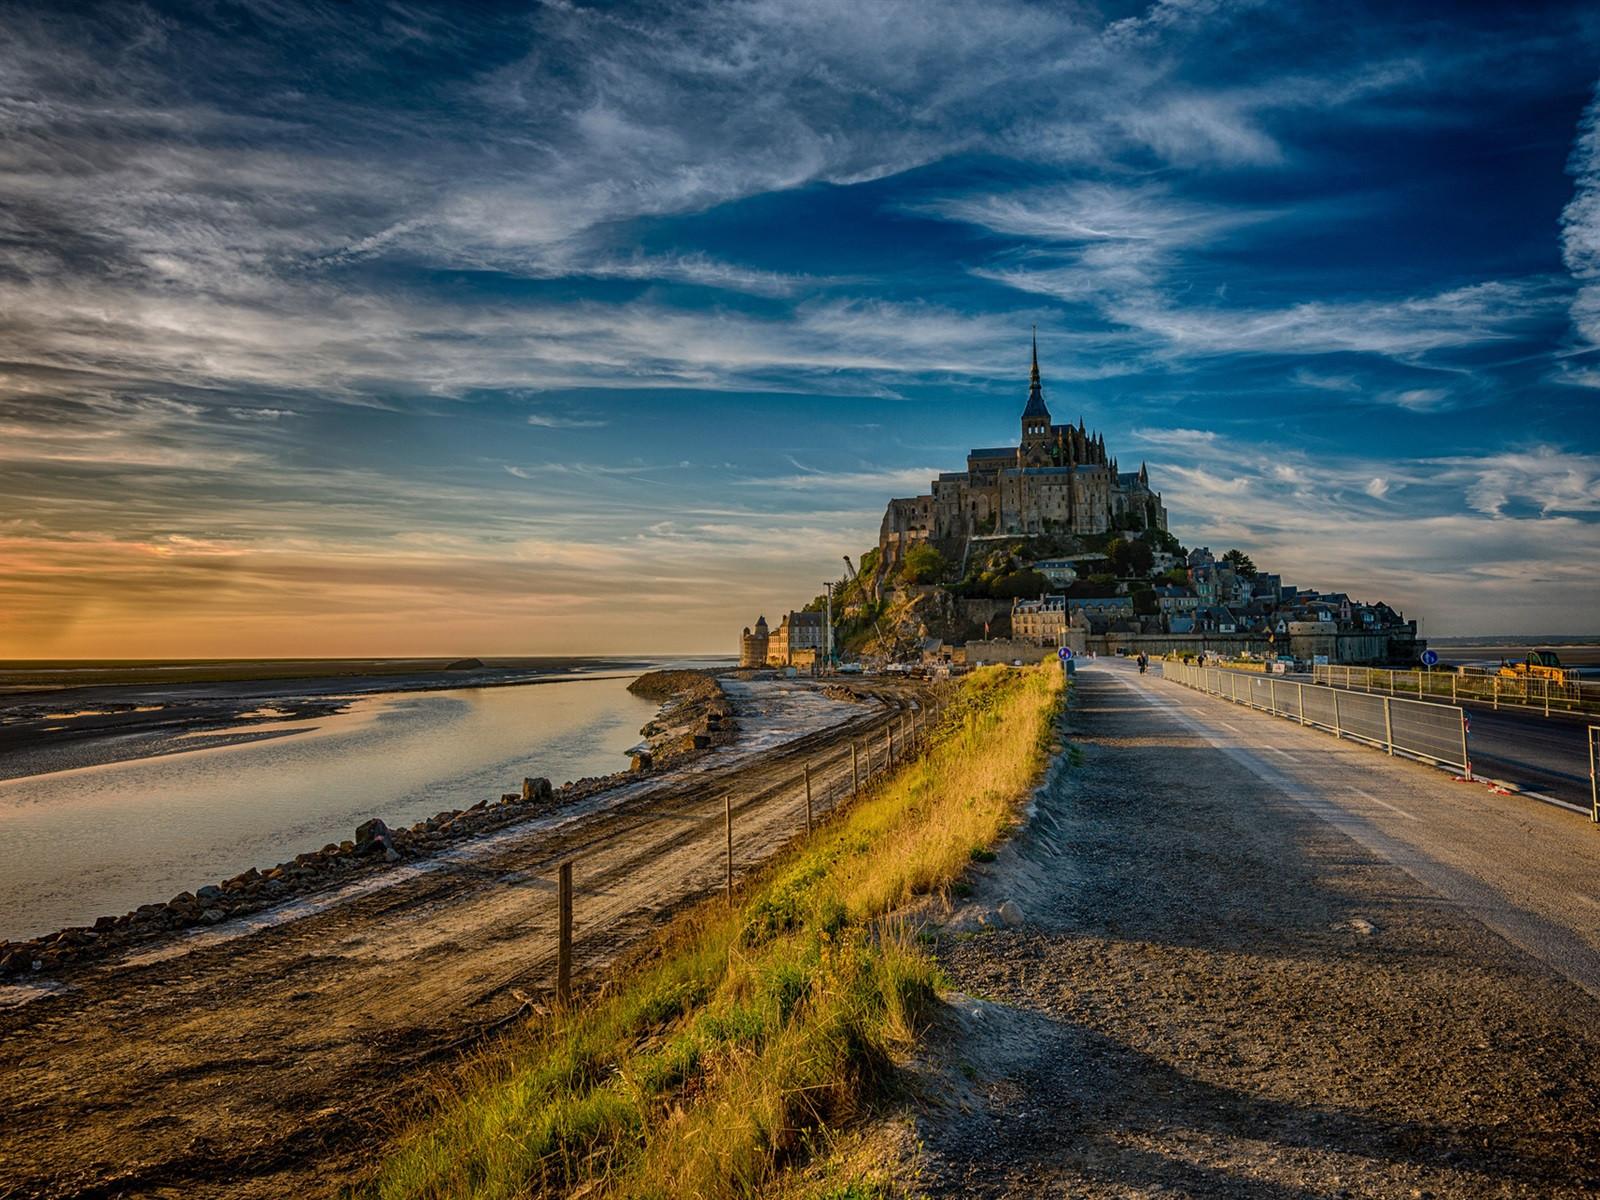 France-Mont-Saint-Michel-road-dusk_1600x1200